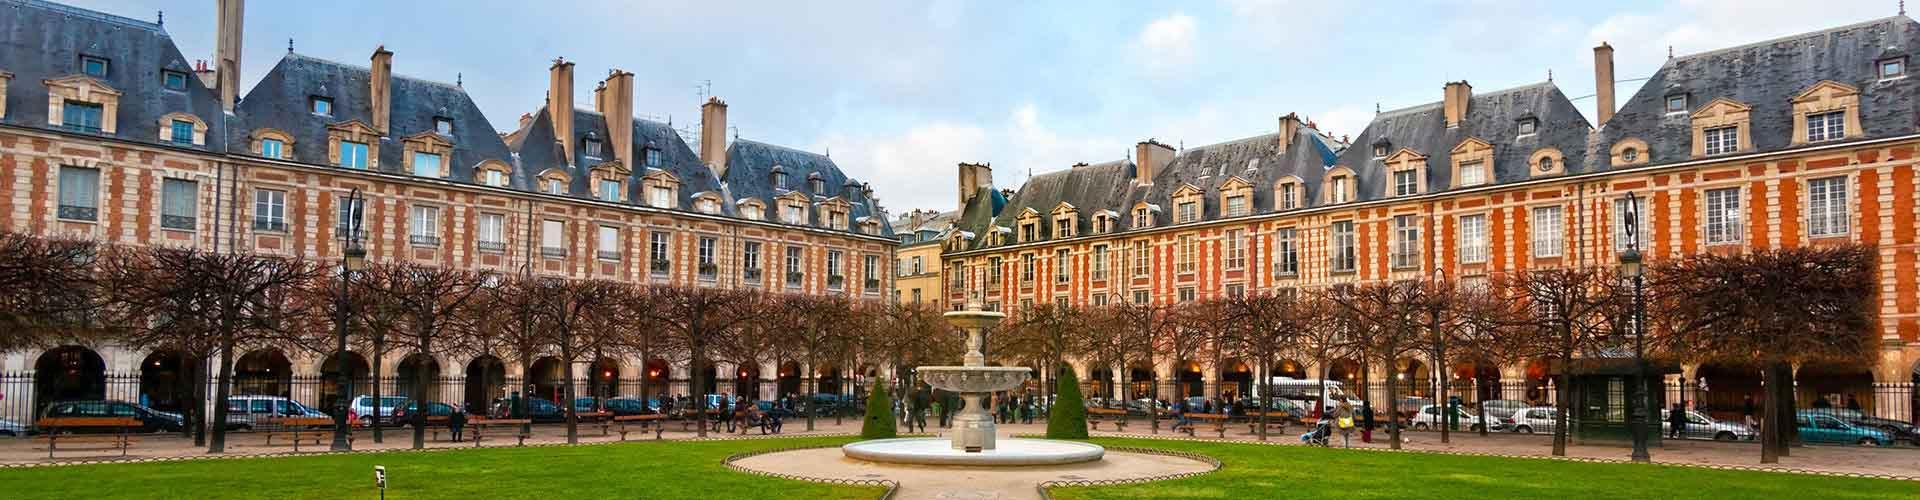 Resultado de imagen de Place des Vosgues París